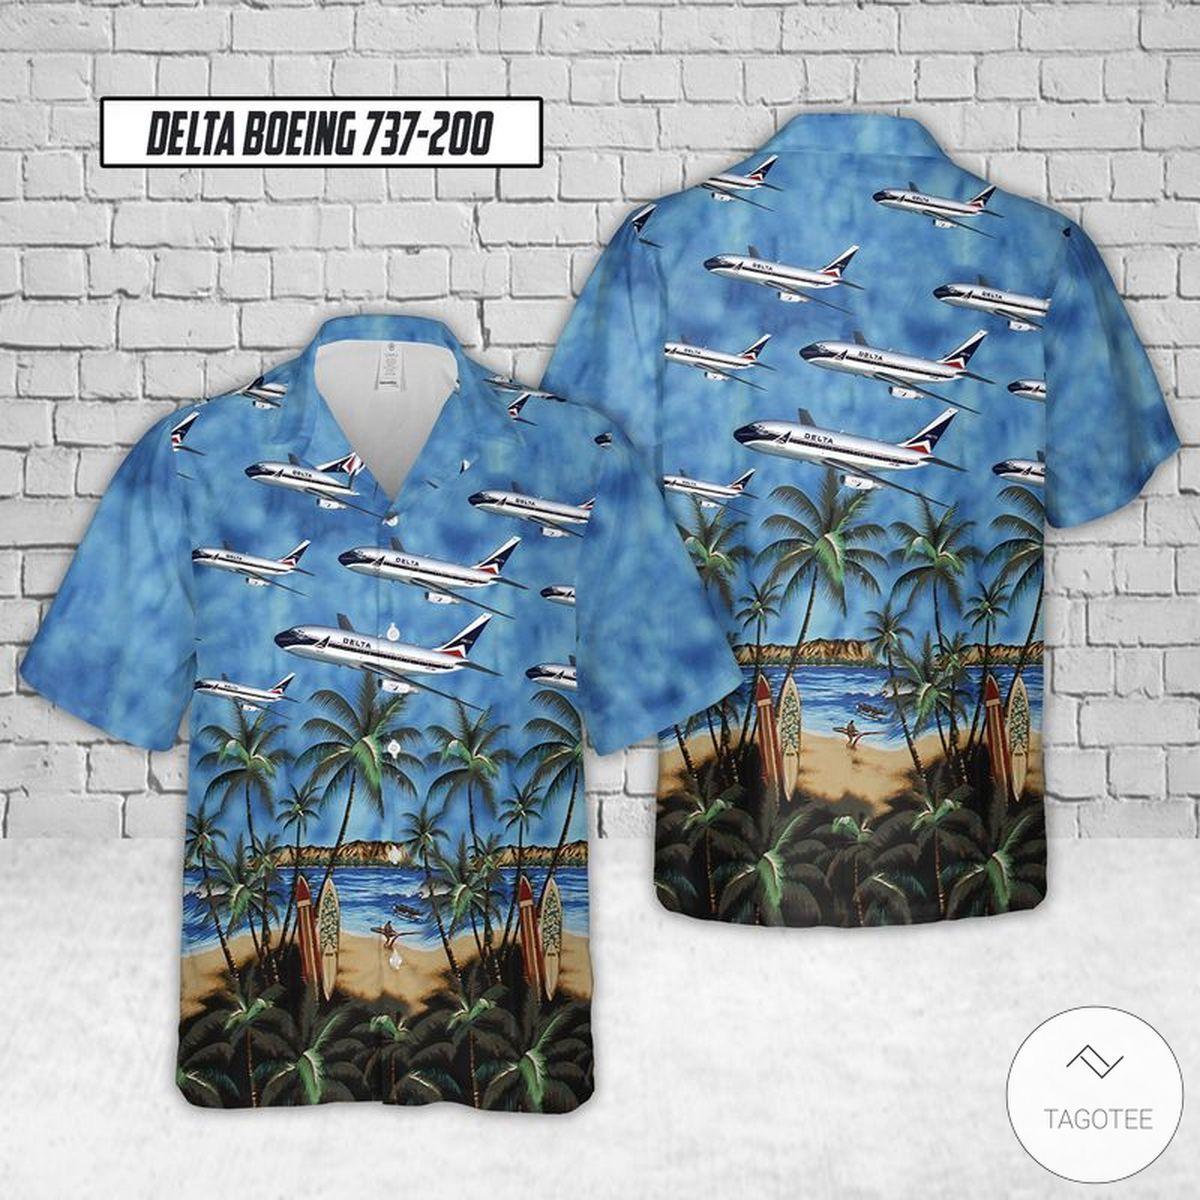 Delta Boeing 737-200 Hawaiian Shirt